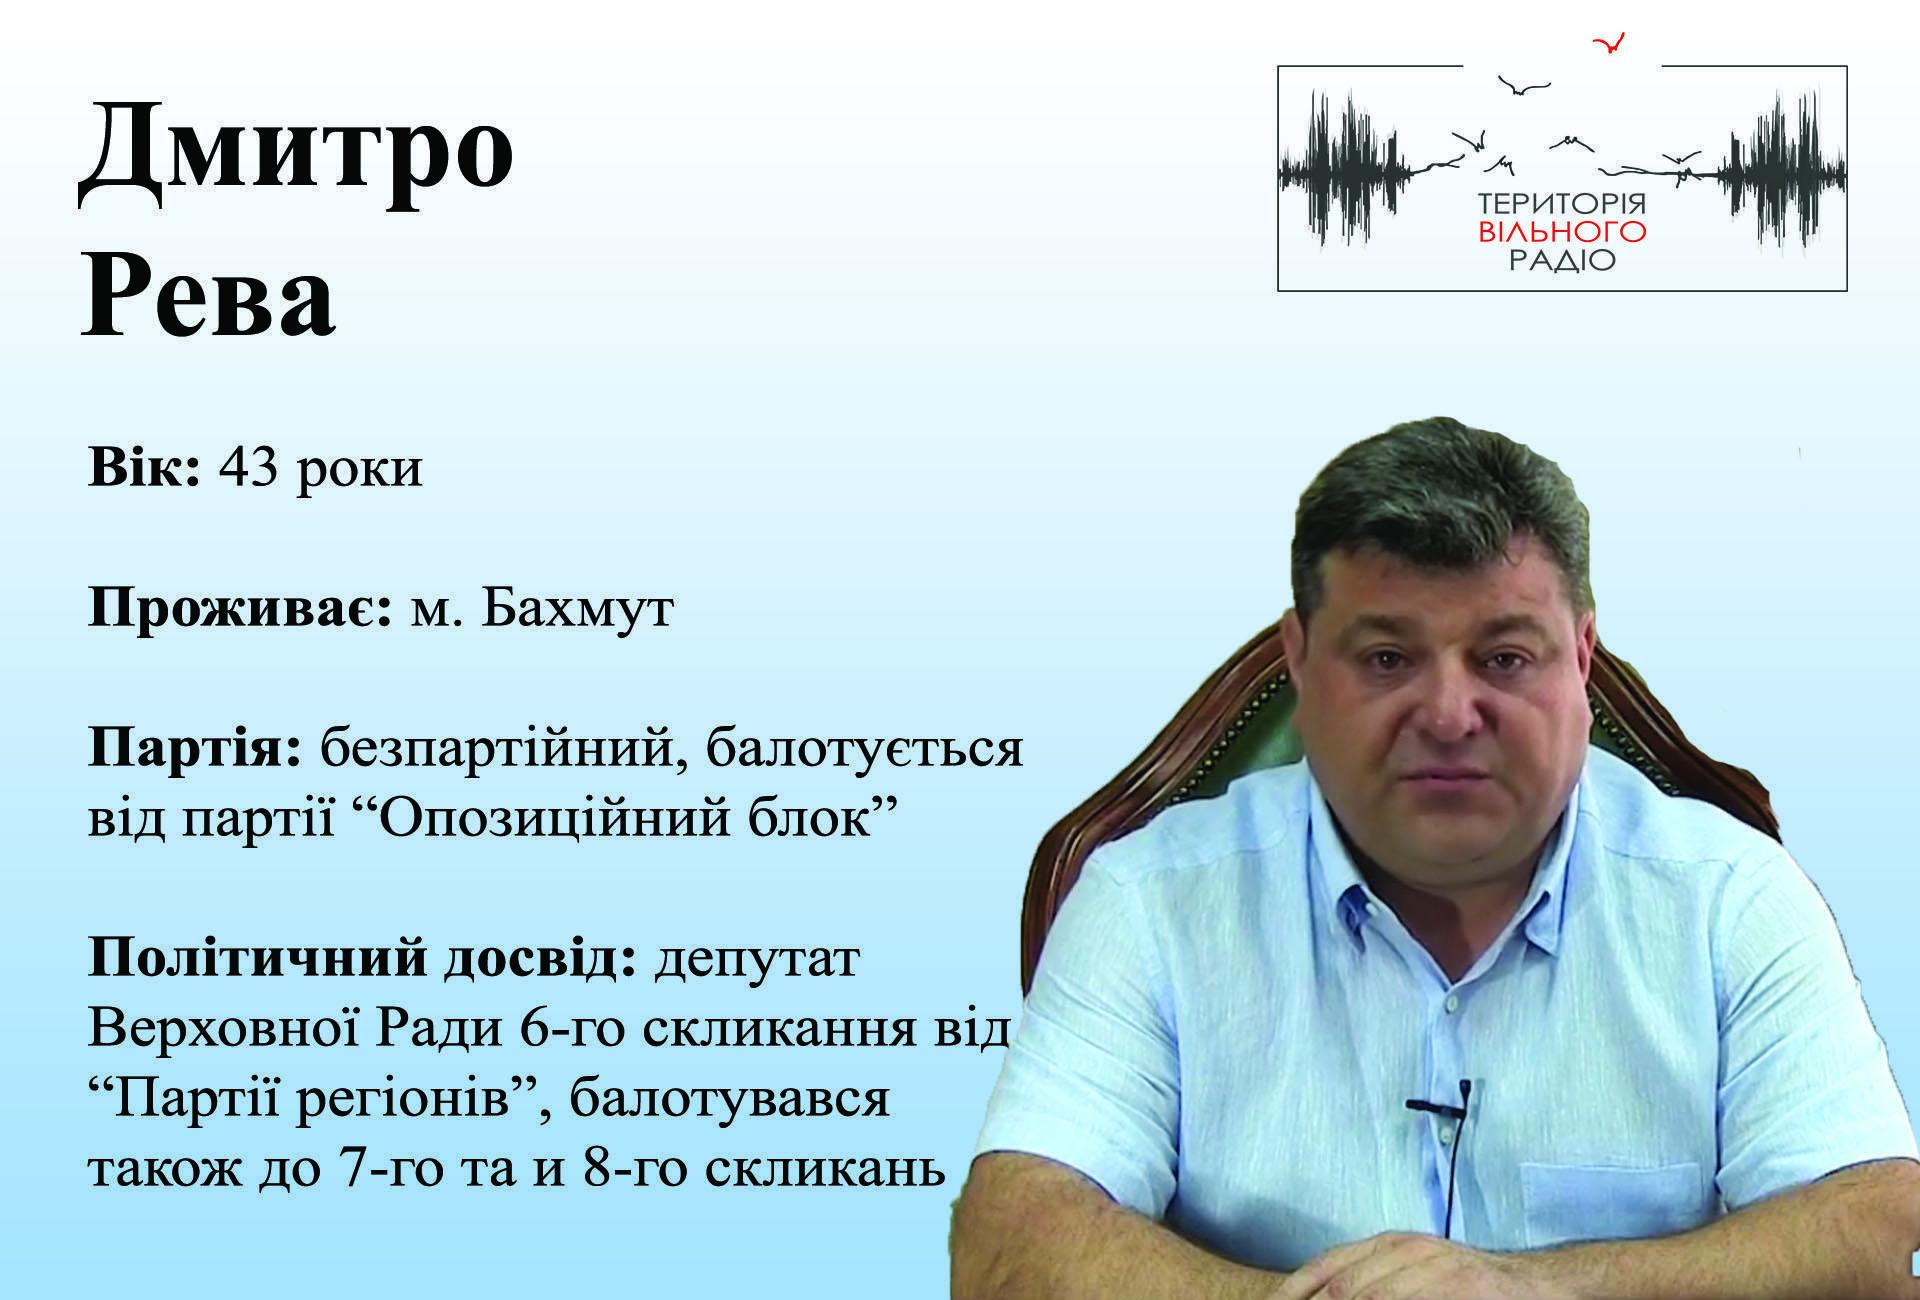 Дмитрий Рева 46 избирательный округ